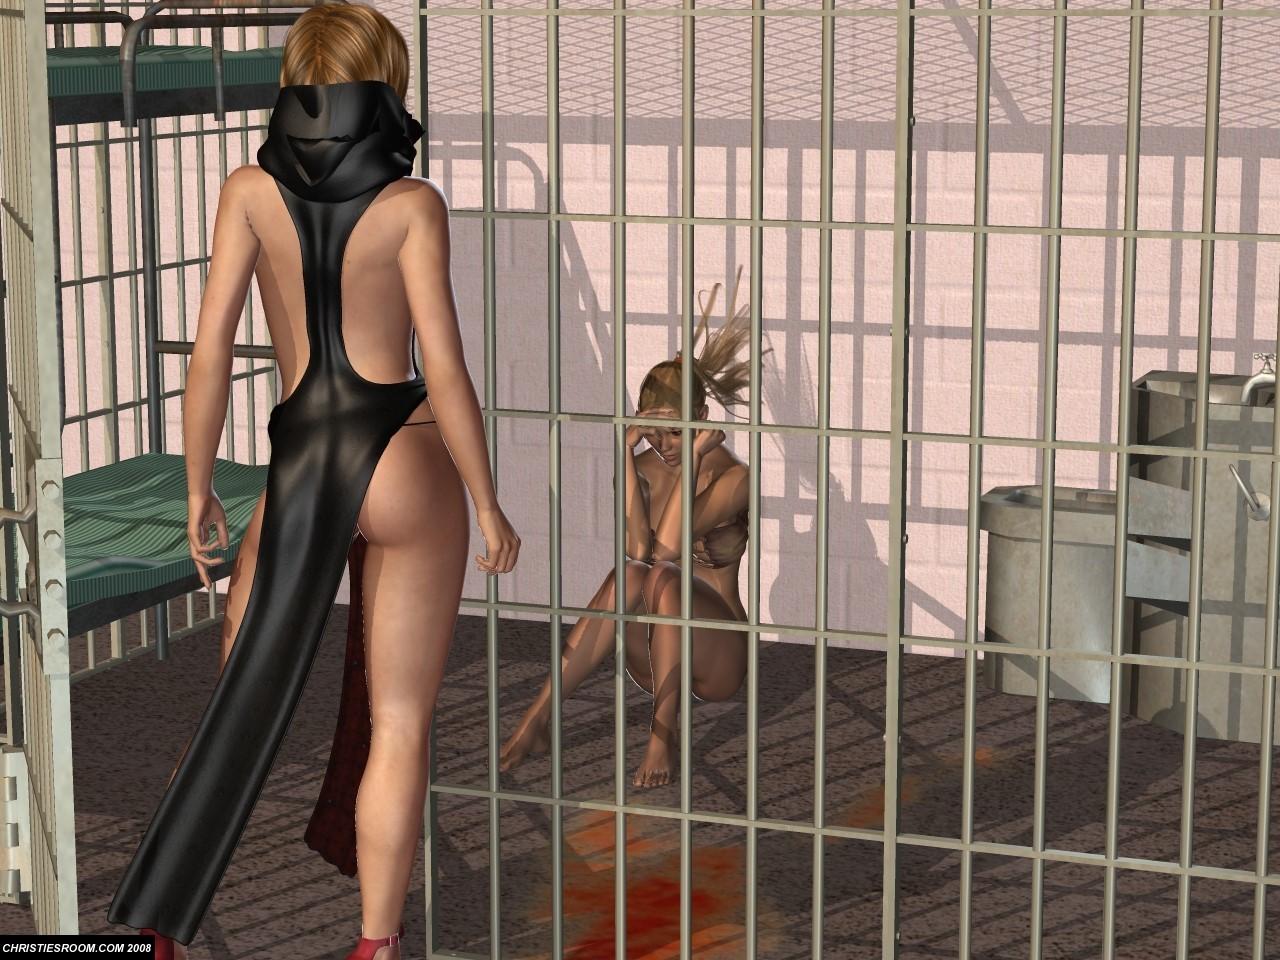 Эротические взрослые игры онлайн бесплатно играть 21 фотография